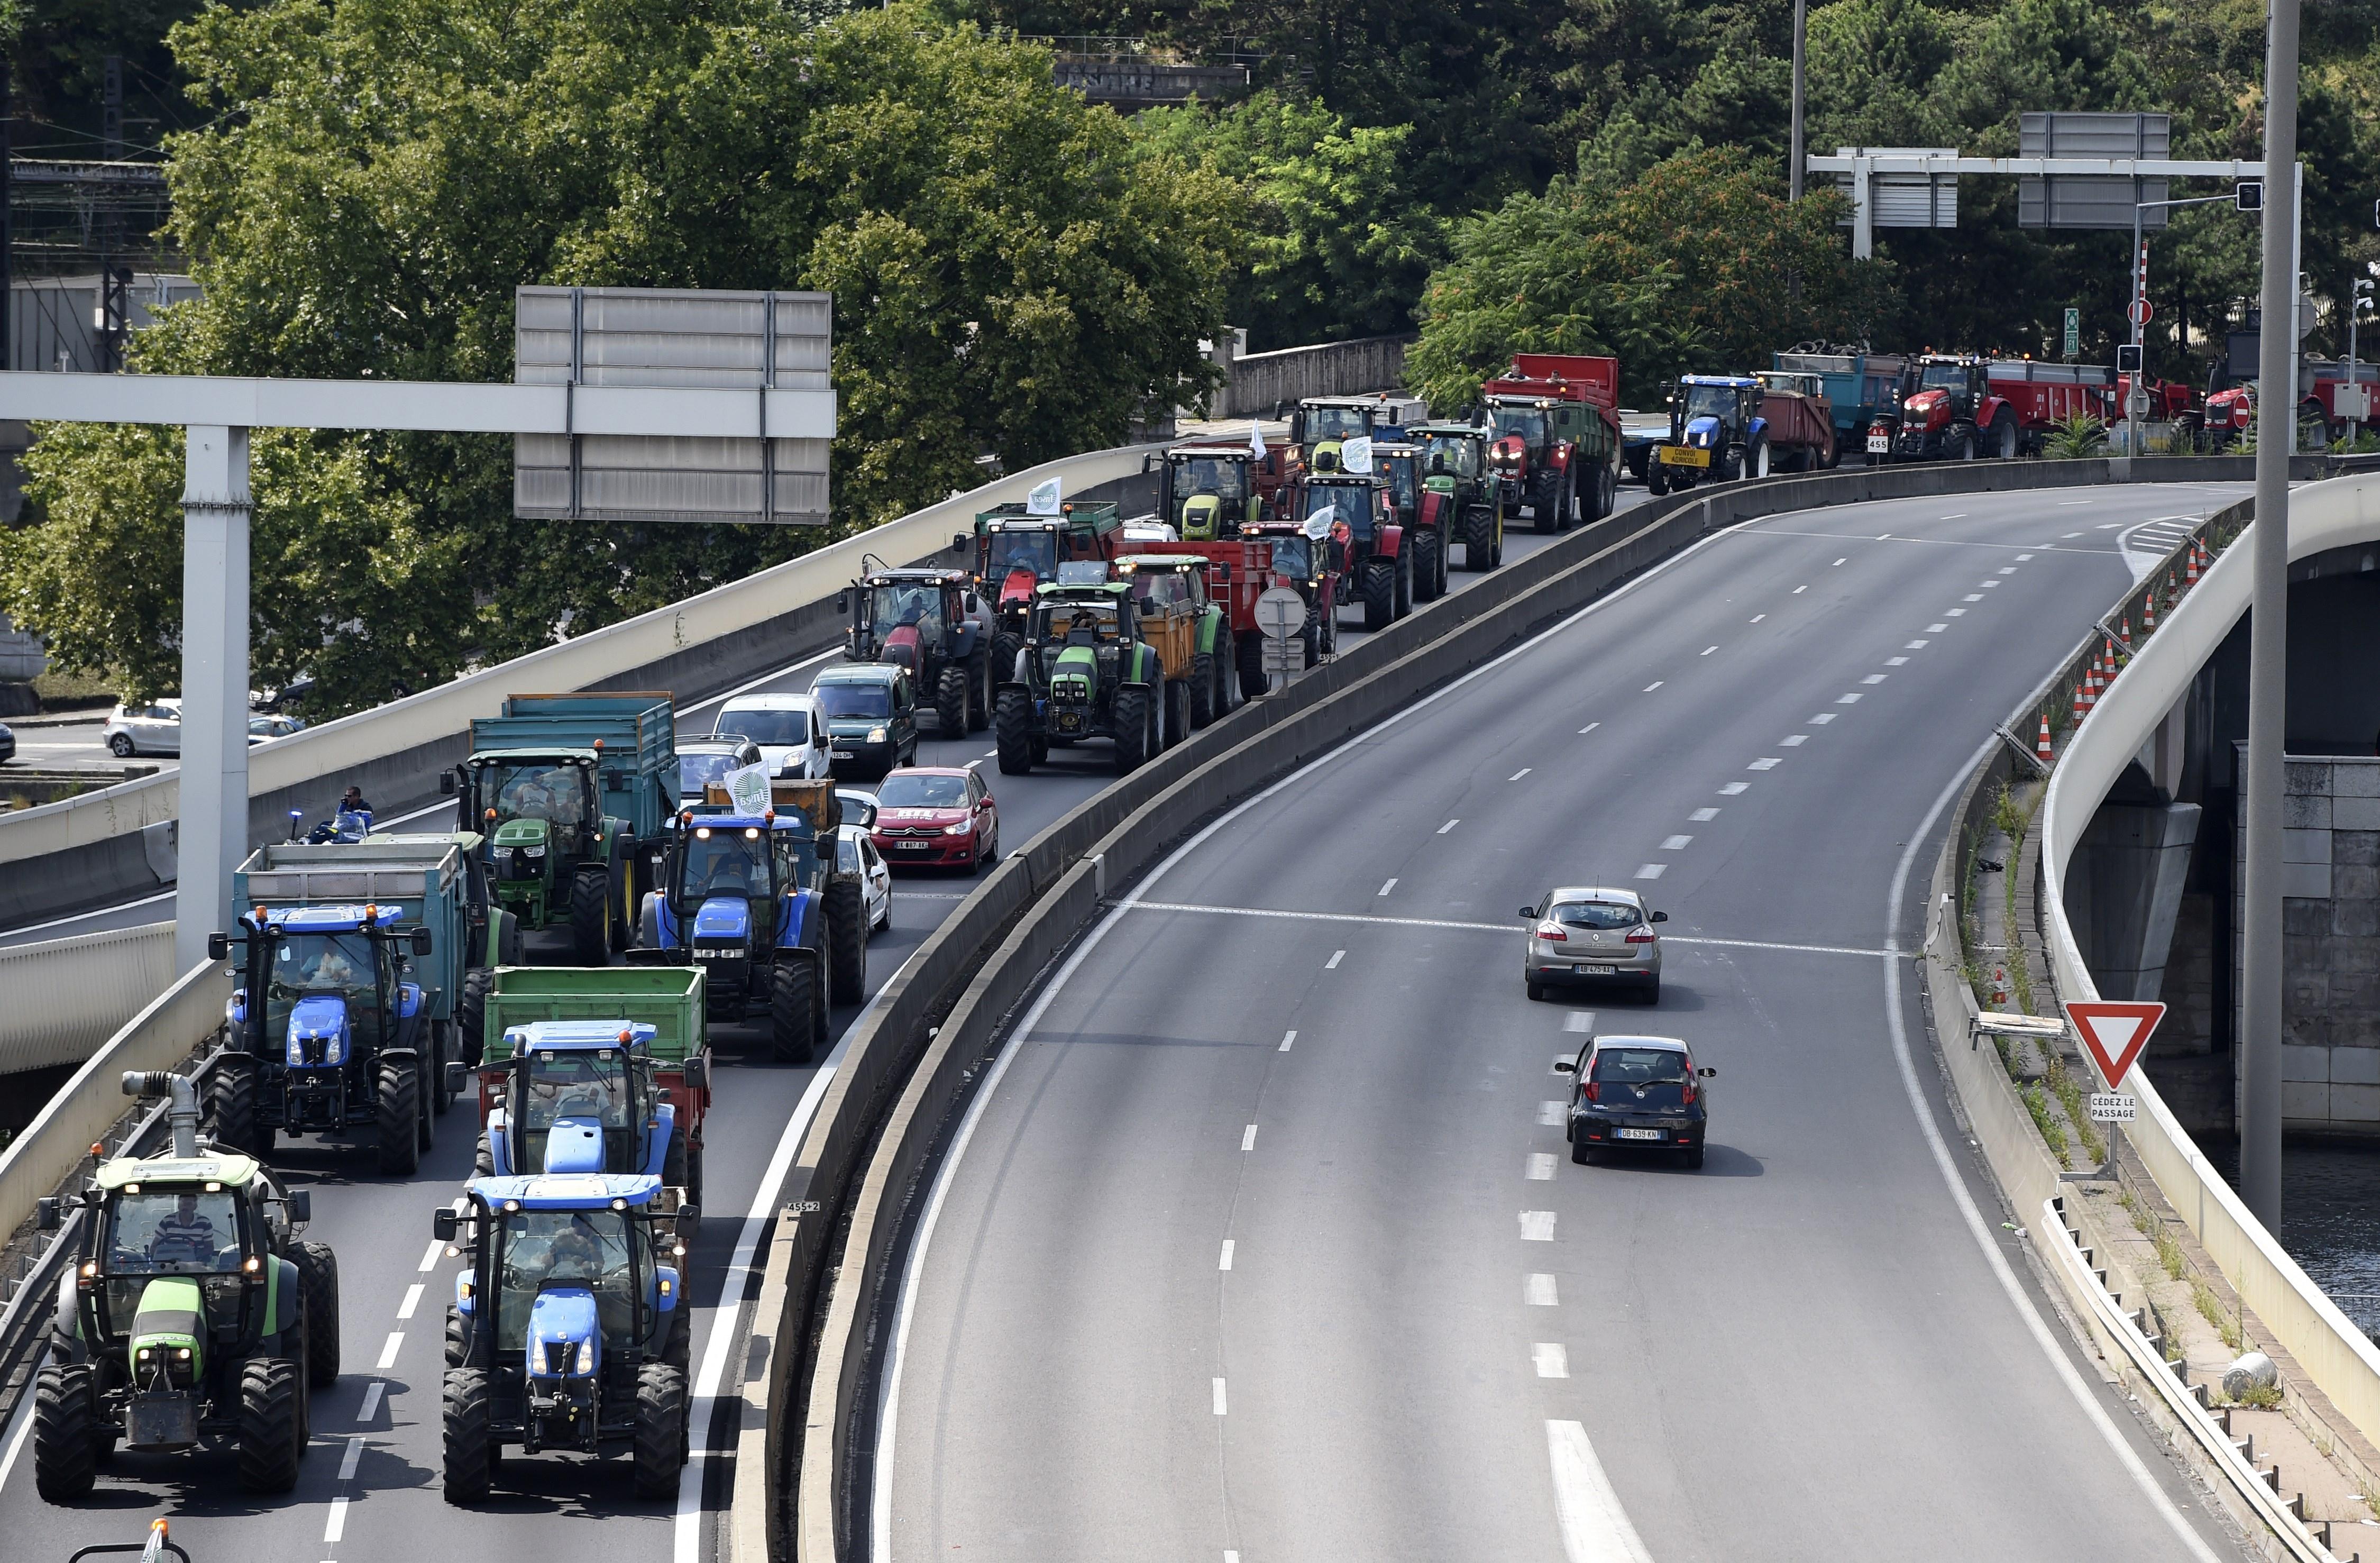 Existenzangst: Französische Bauern protestieren und blockieren die Autobahnen